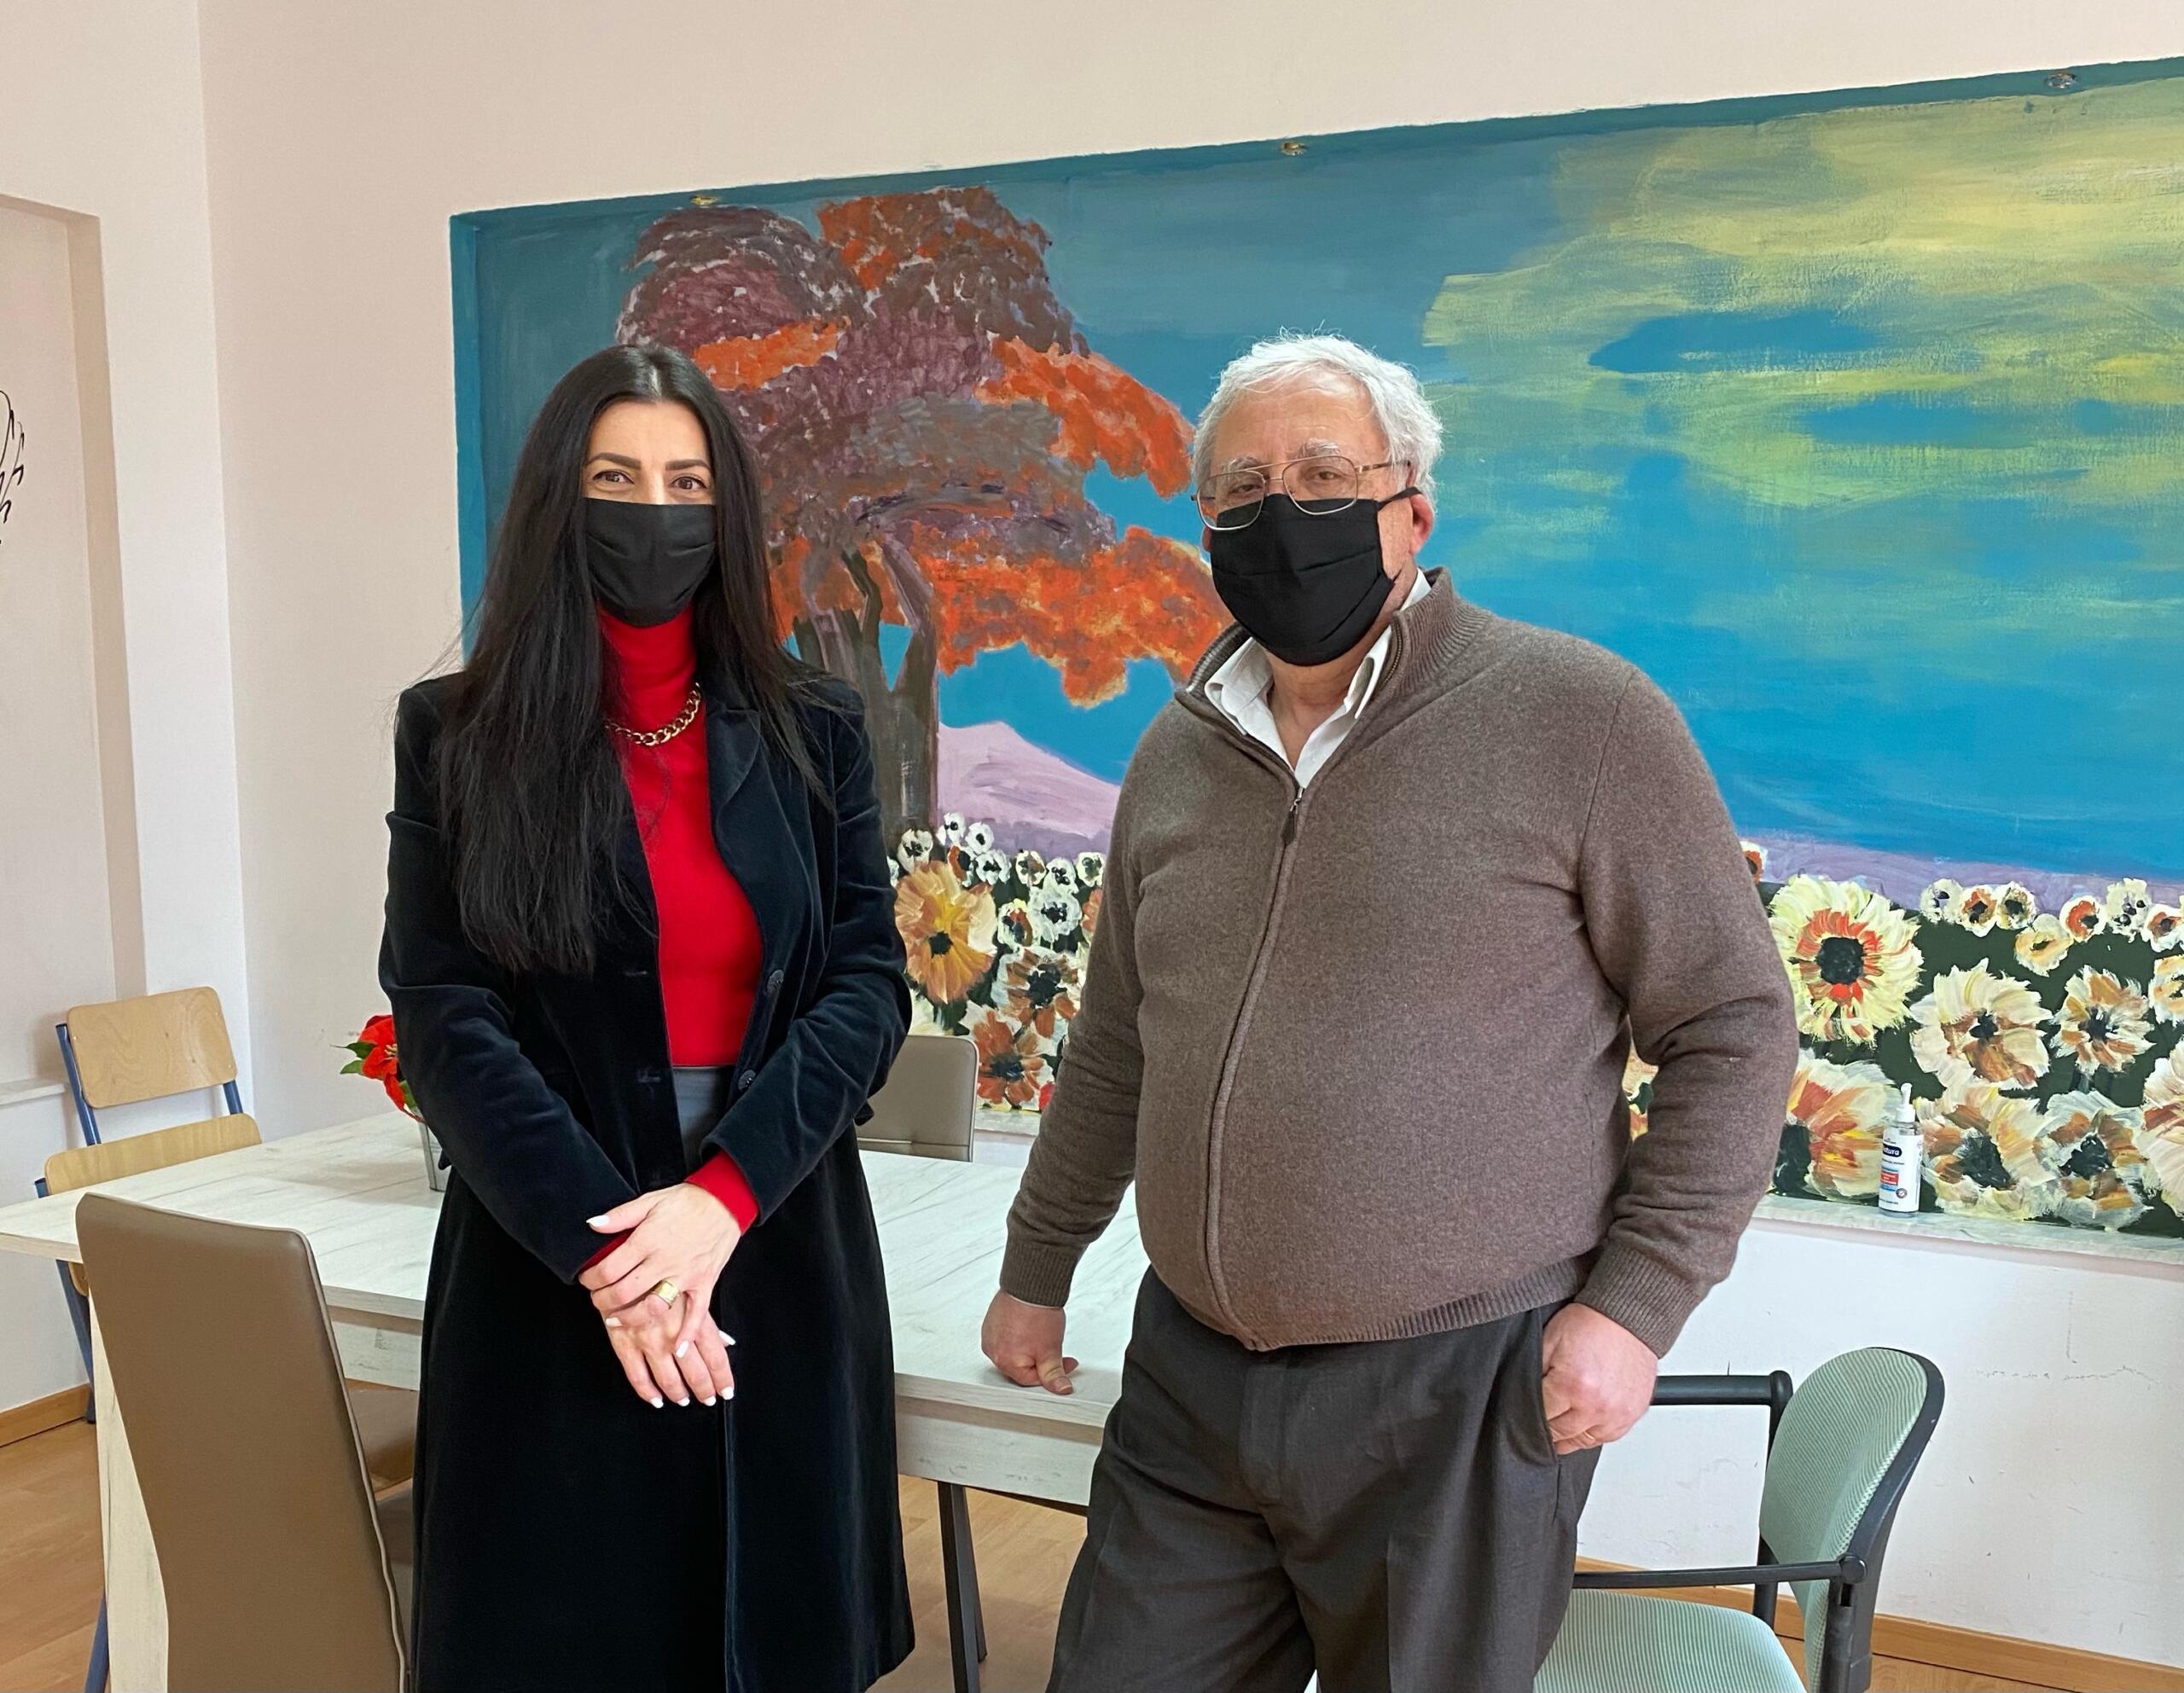 Επίσκεψη της Αντιπεριφερειάρχη Παιδείας και Πολιτισμού, κας Πουταχίδου Όλγας, στις Σχολικές Μονάδες Ειδικής Αγωγής, Εορδαίας.